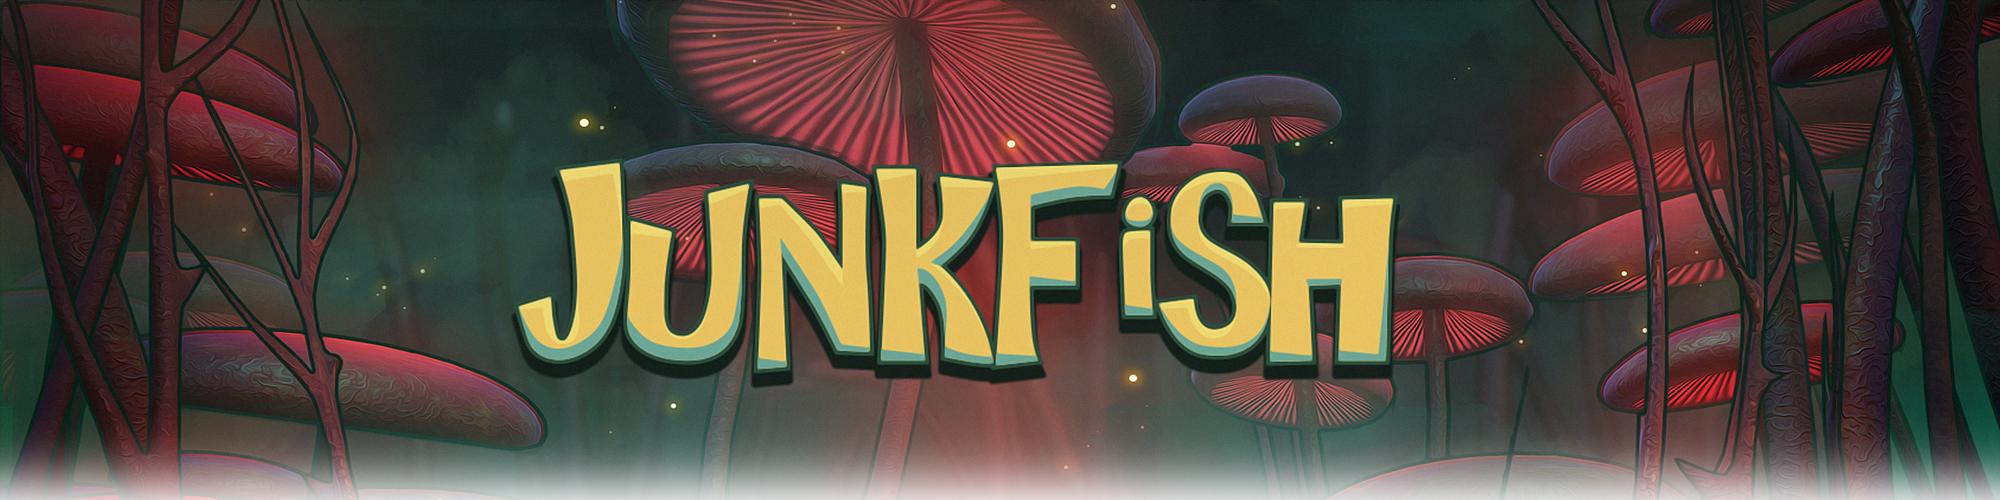 Junkfish Ltd.